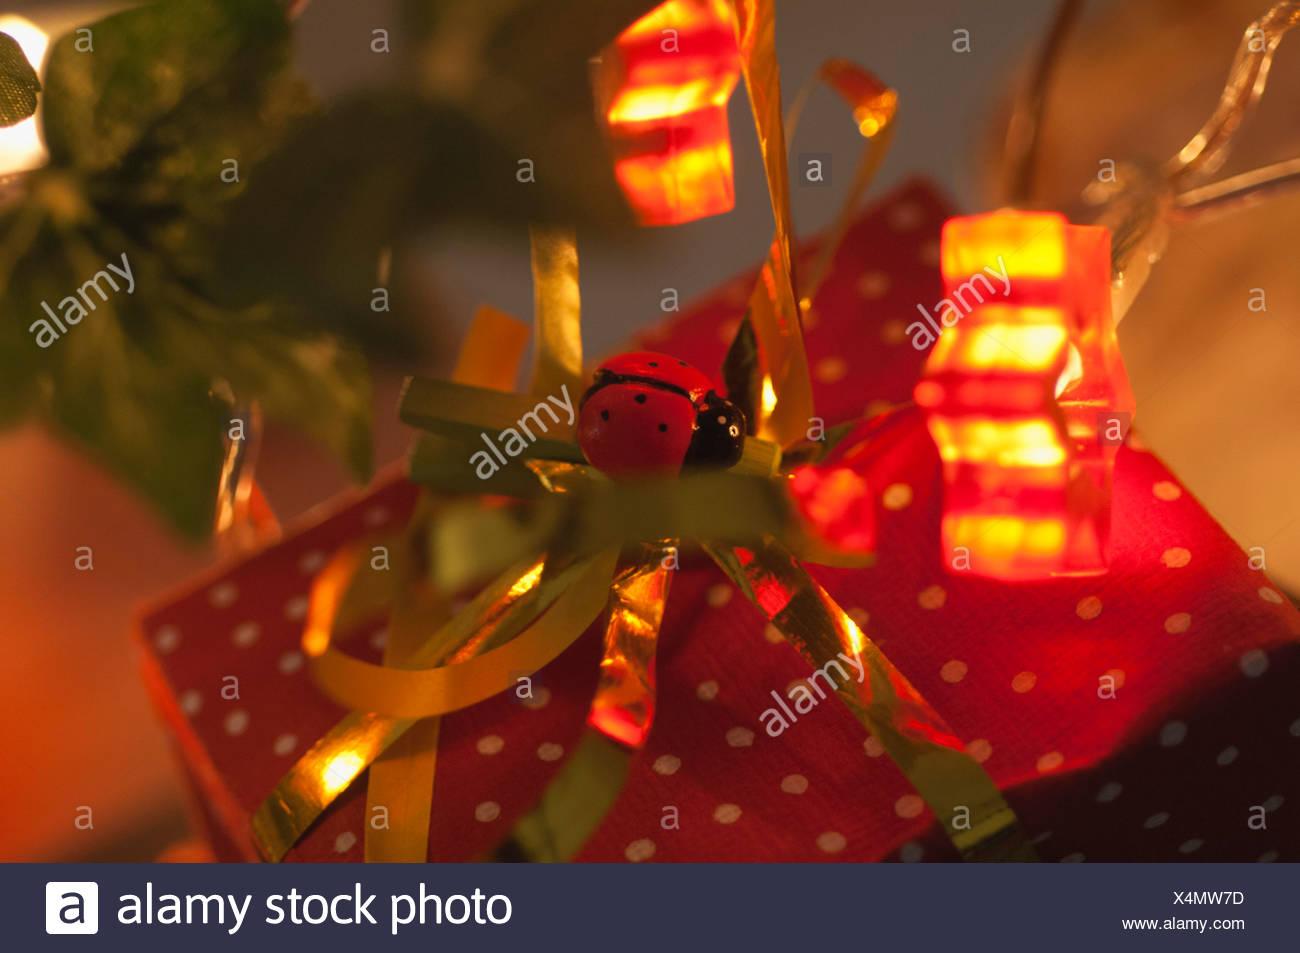 Regalo de Navidad envuelto festivamente Foto de stock